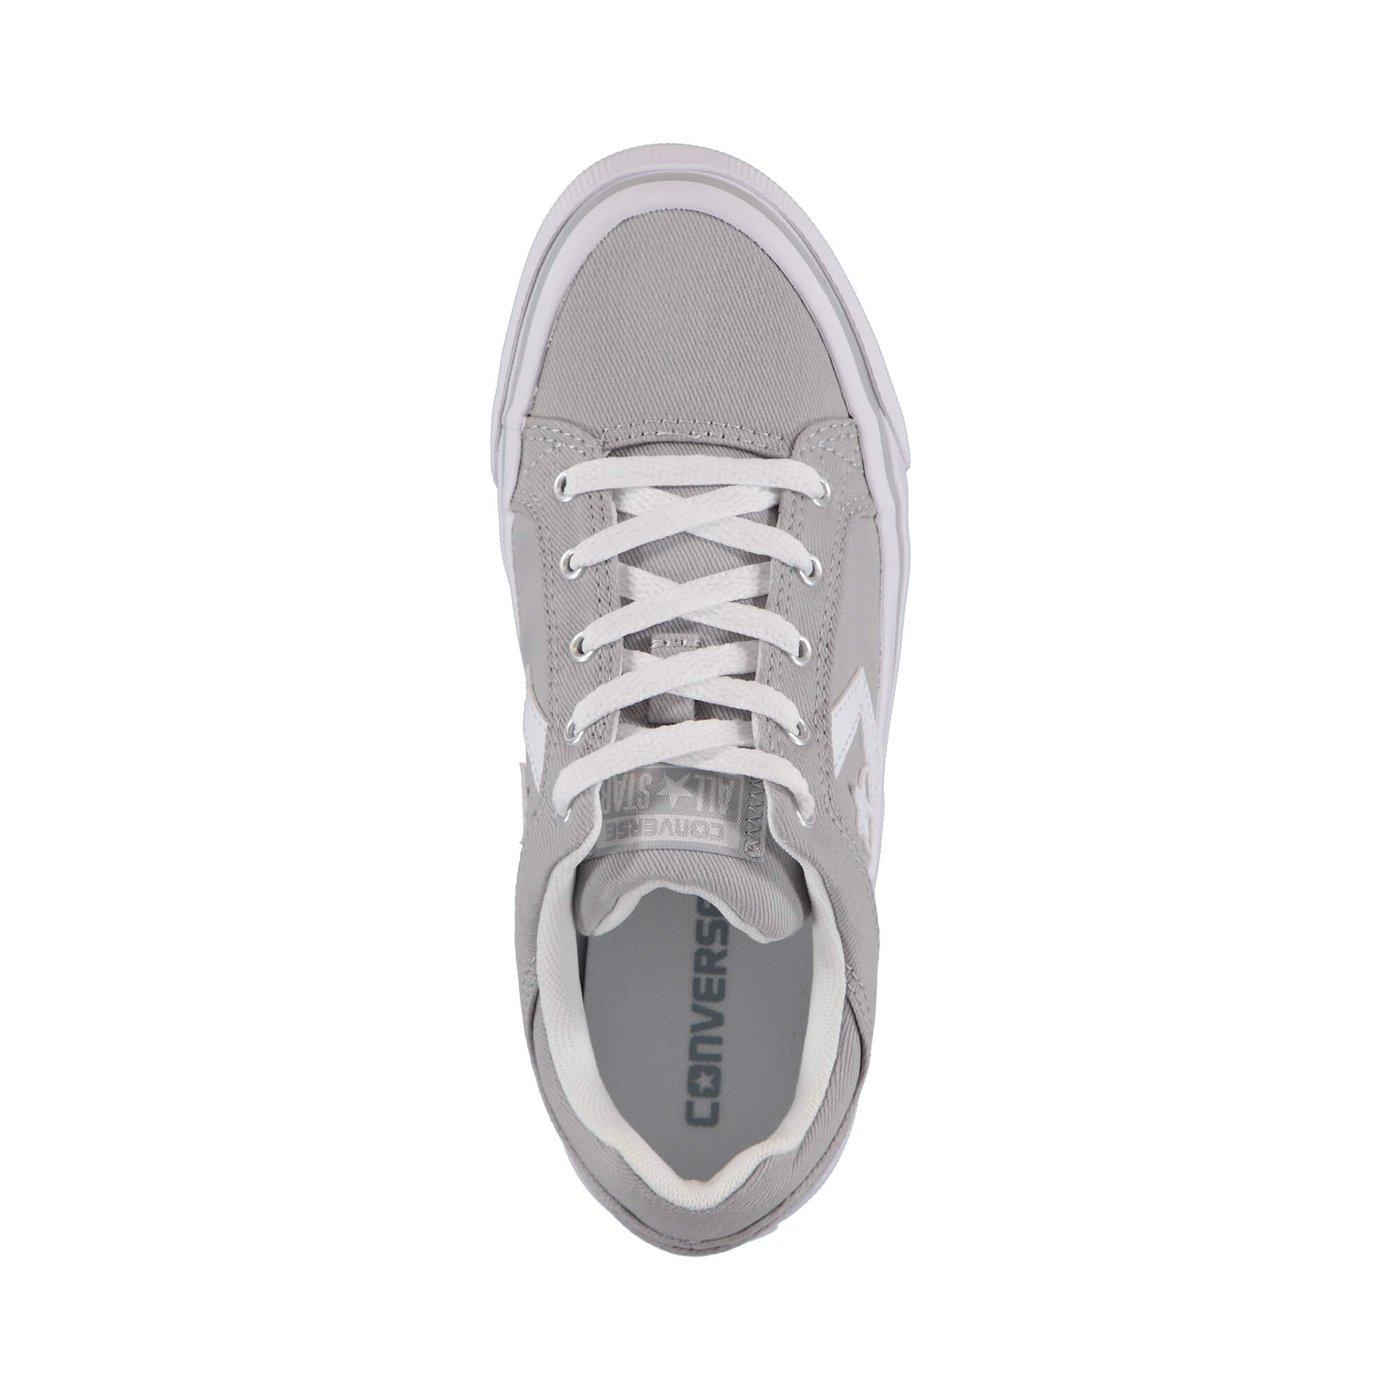 Converse El Distrito Unisex Gri Sneaker